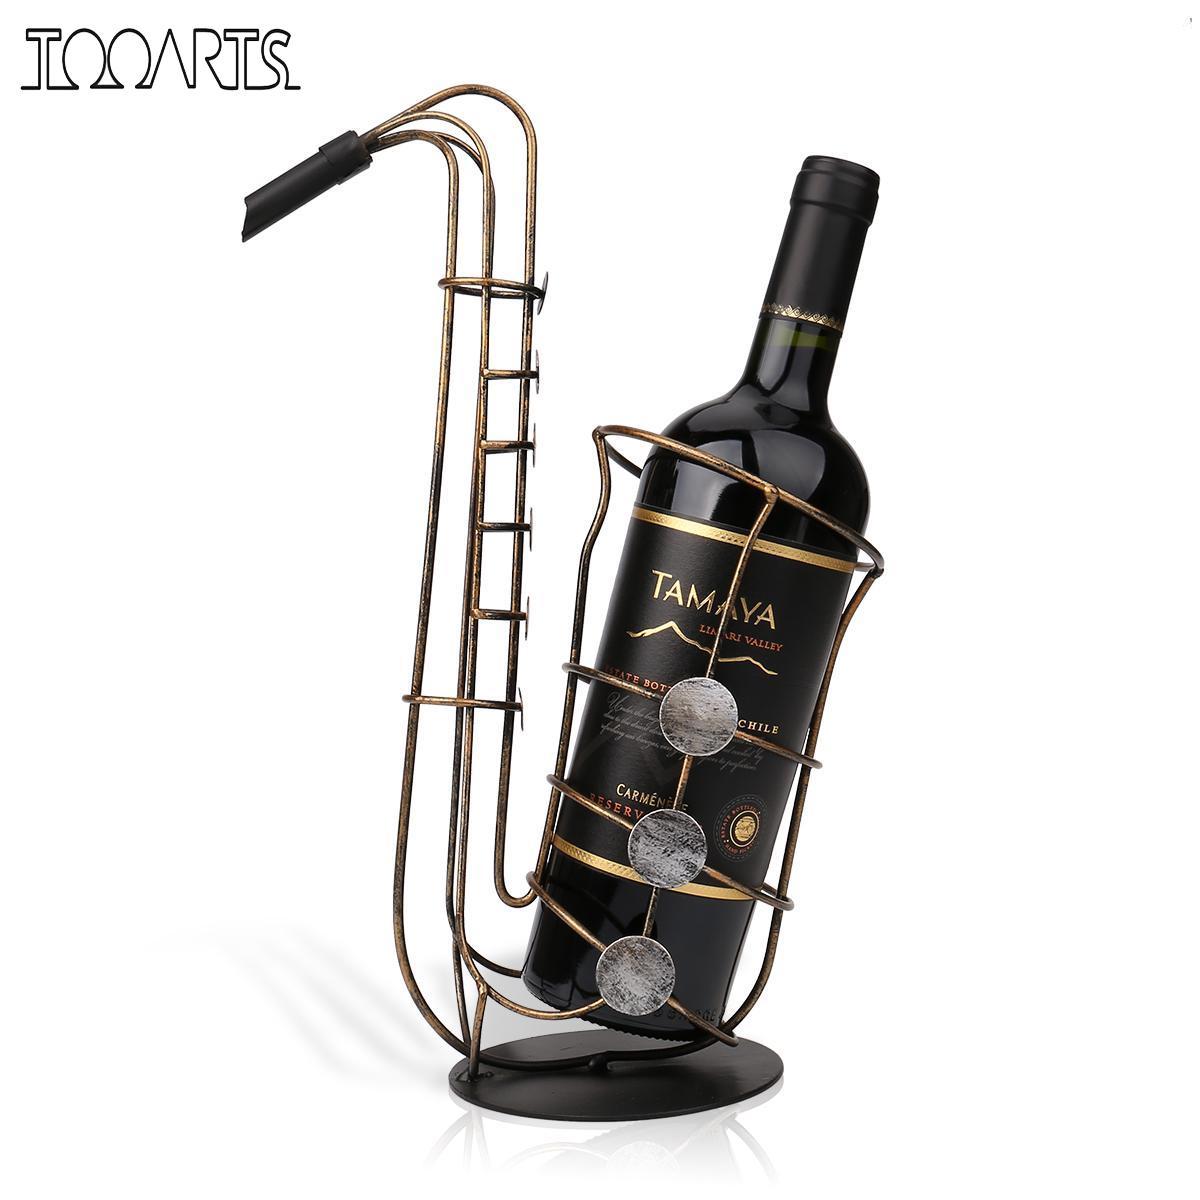 Tooarts Métal Sax Casier à Vin Moderne Artisanat Motifs Cadeau Vin Figurine Porte-Creative Bouteille de Vin Stand Décoration Accessoire